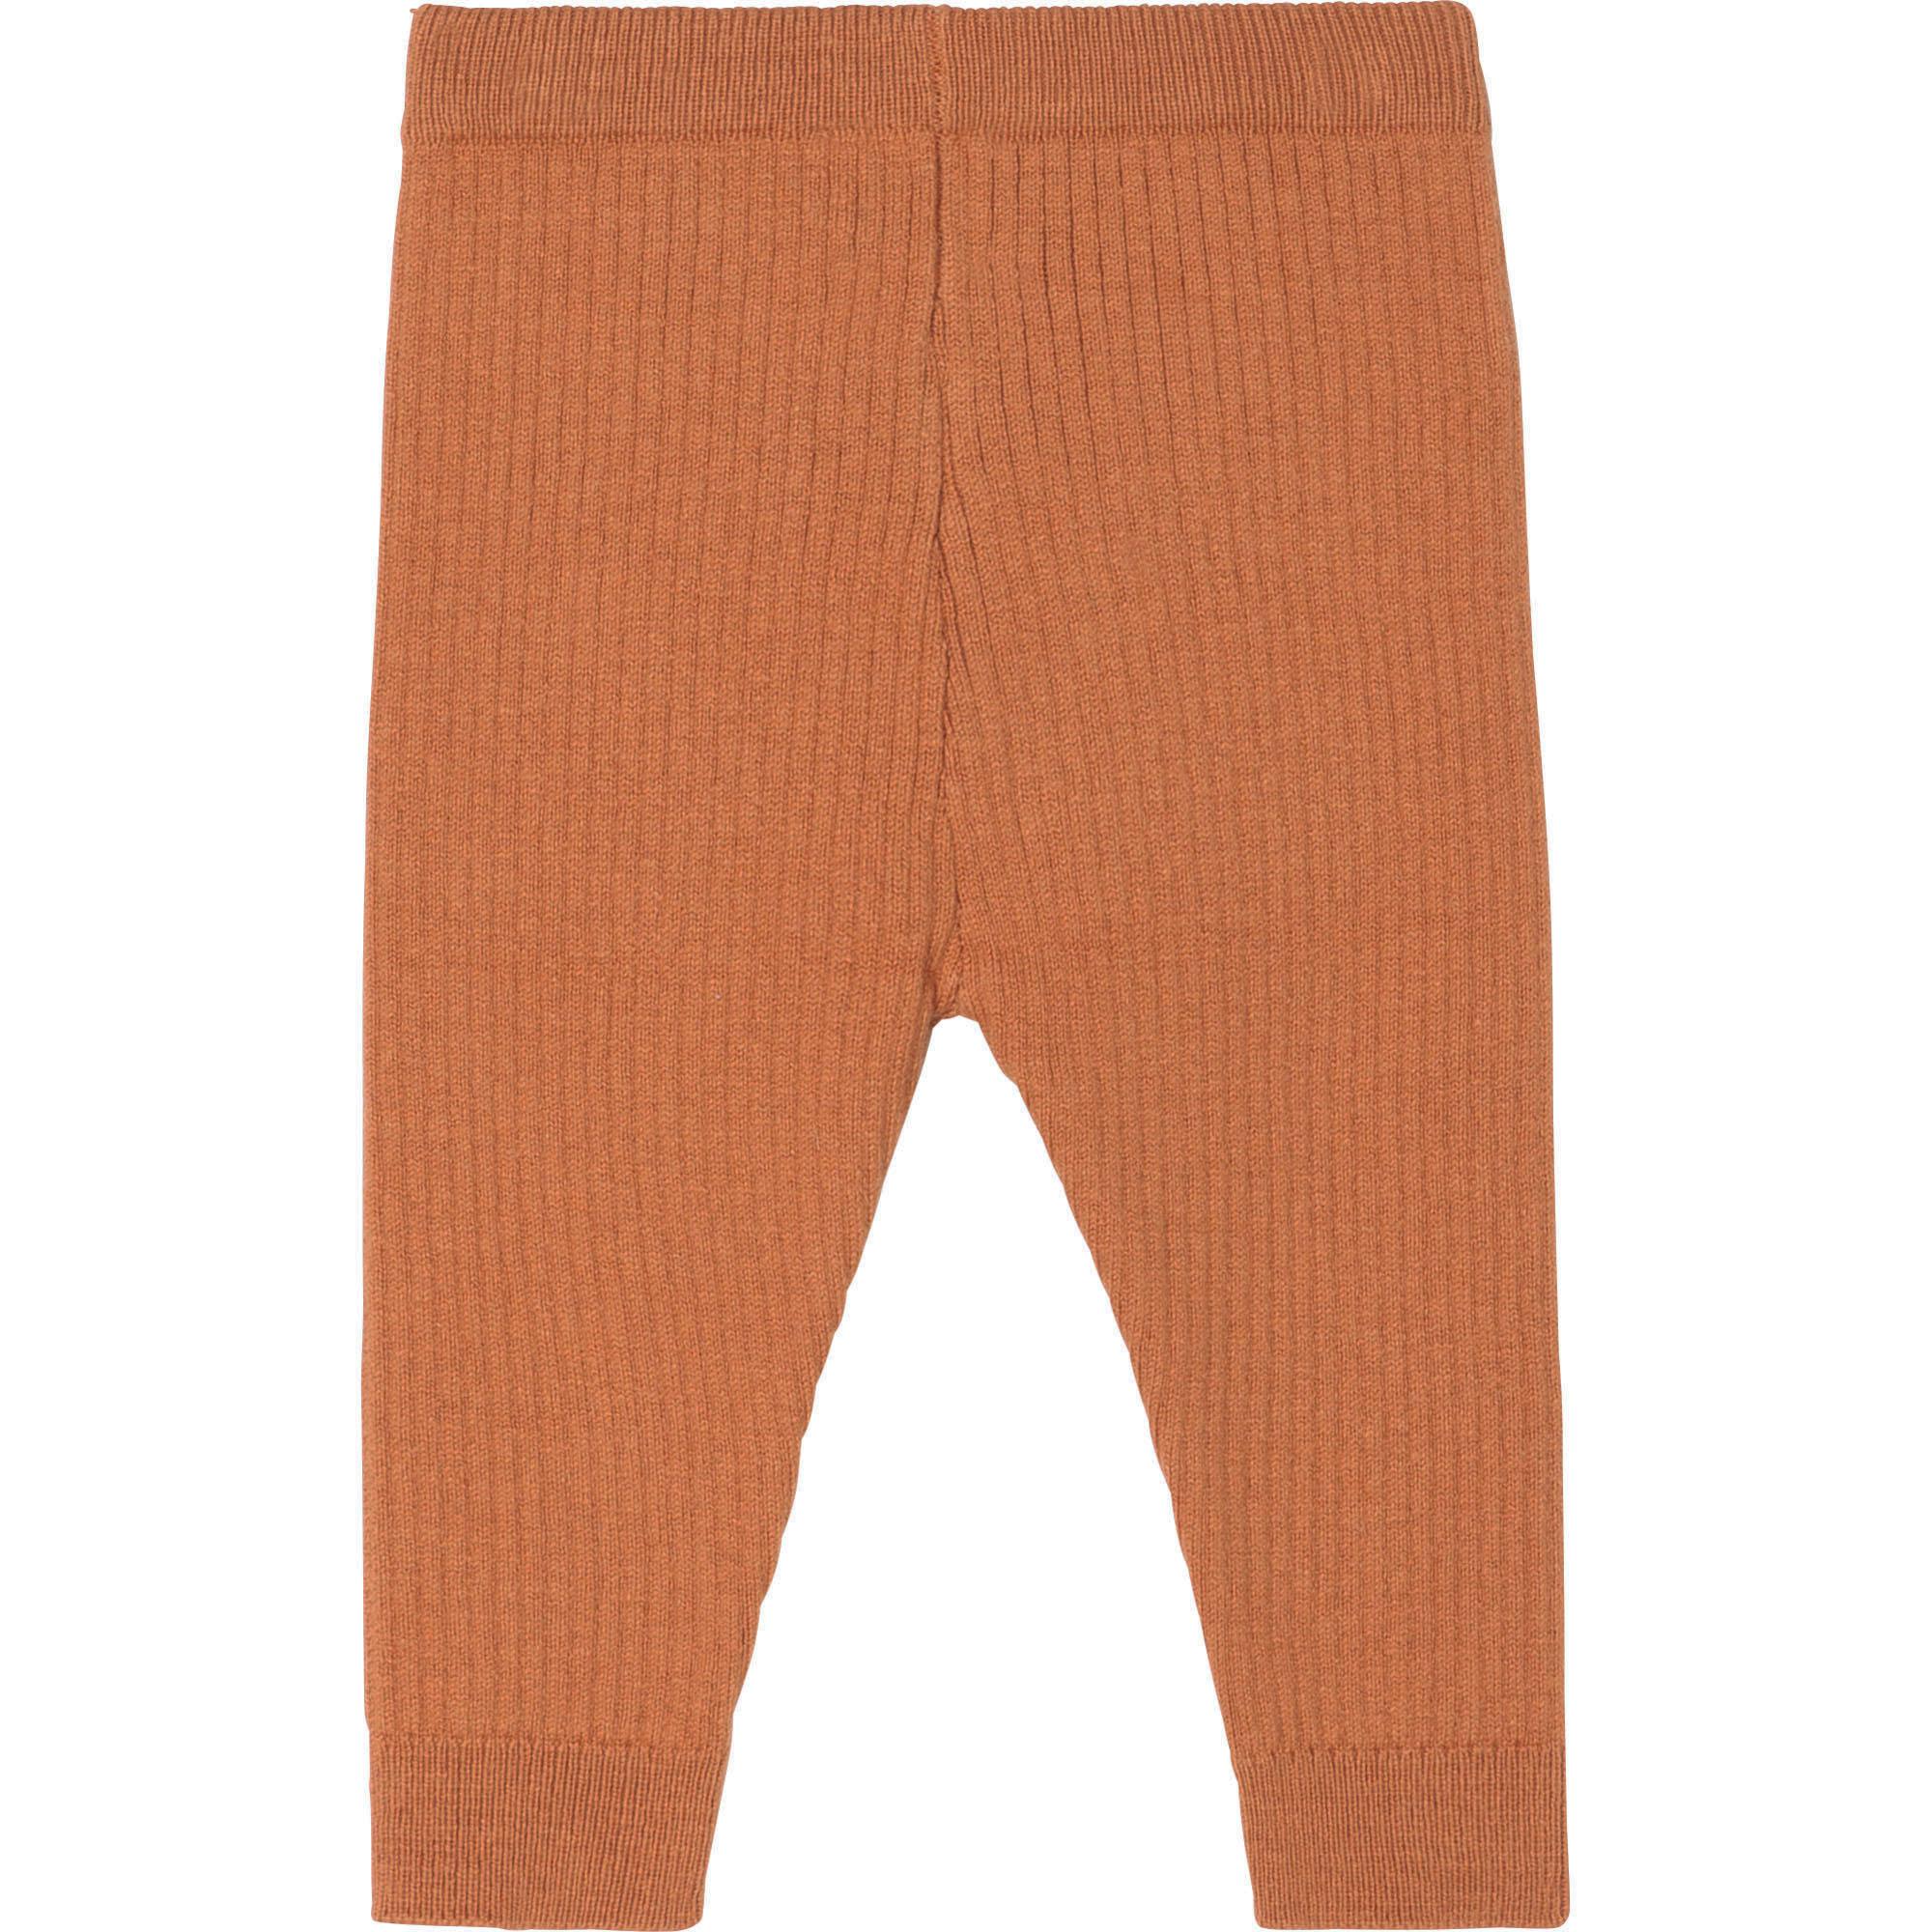 Legging tricot coton et laine CARREMENT BEAU for GIRL